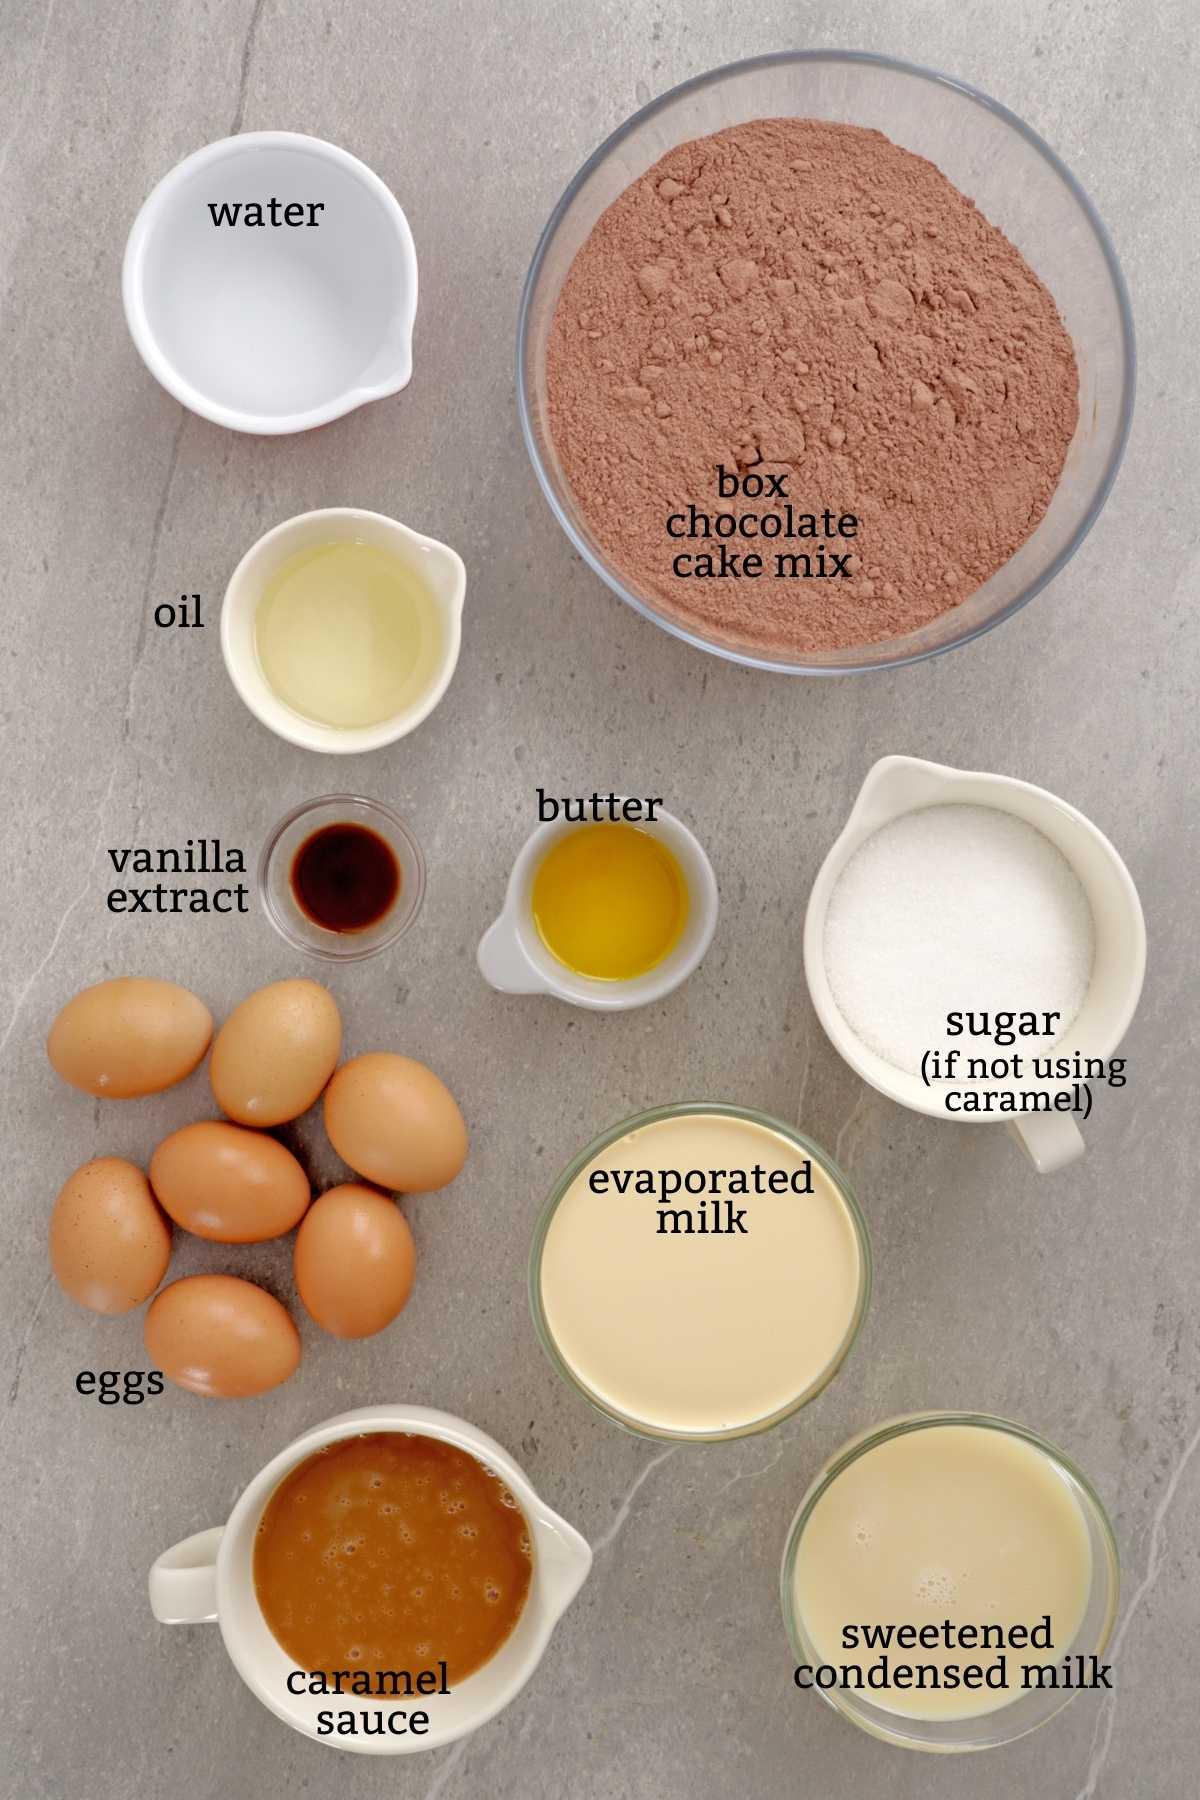 Ingredients for making chocoflan.